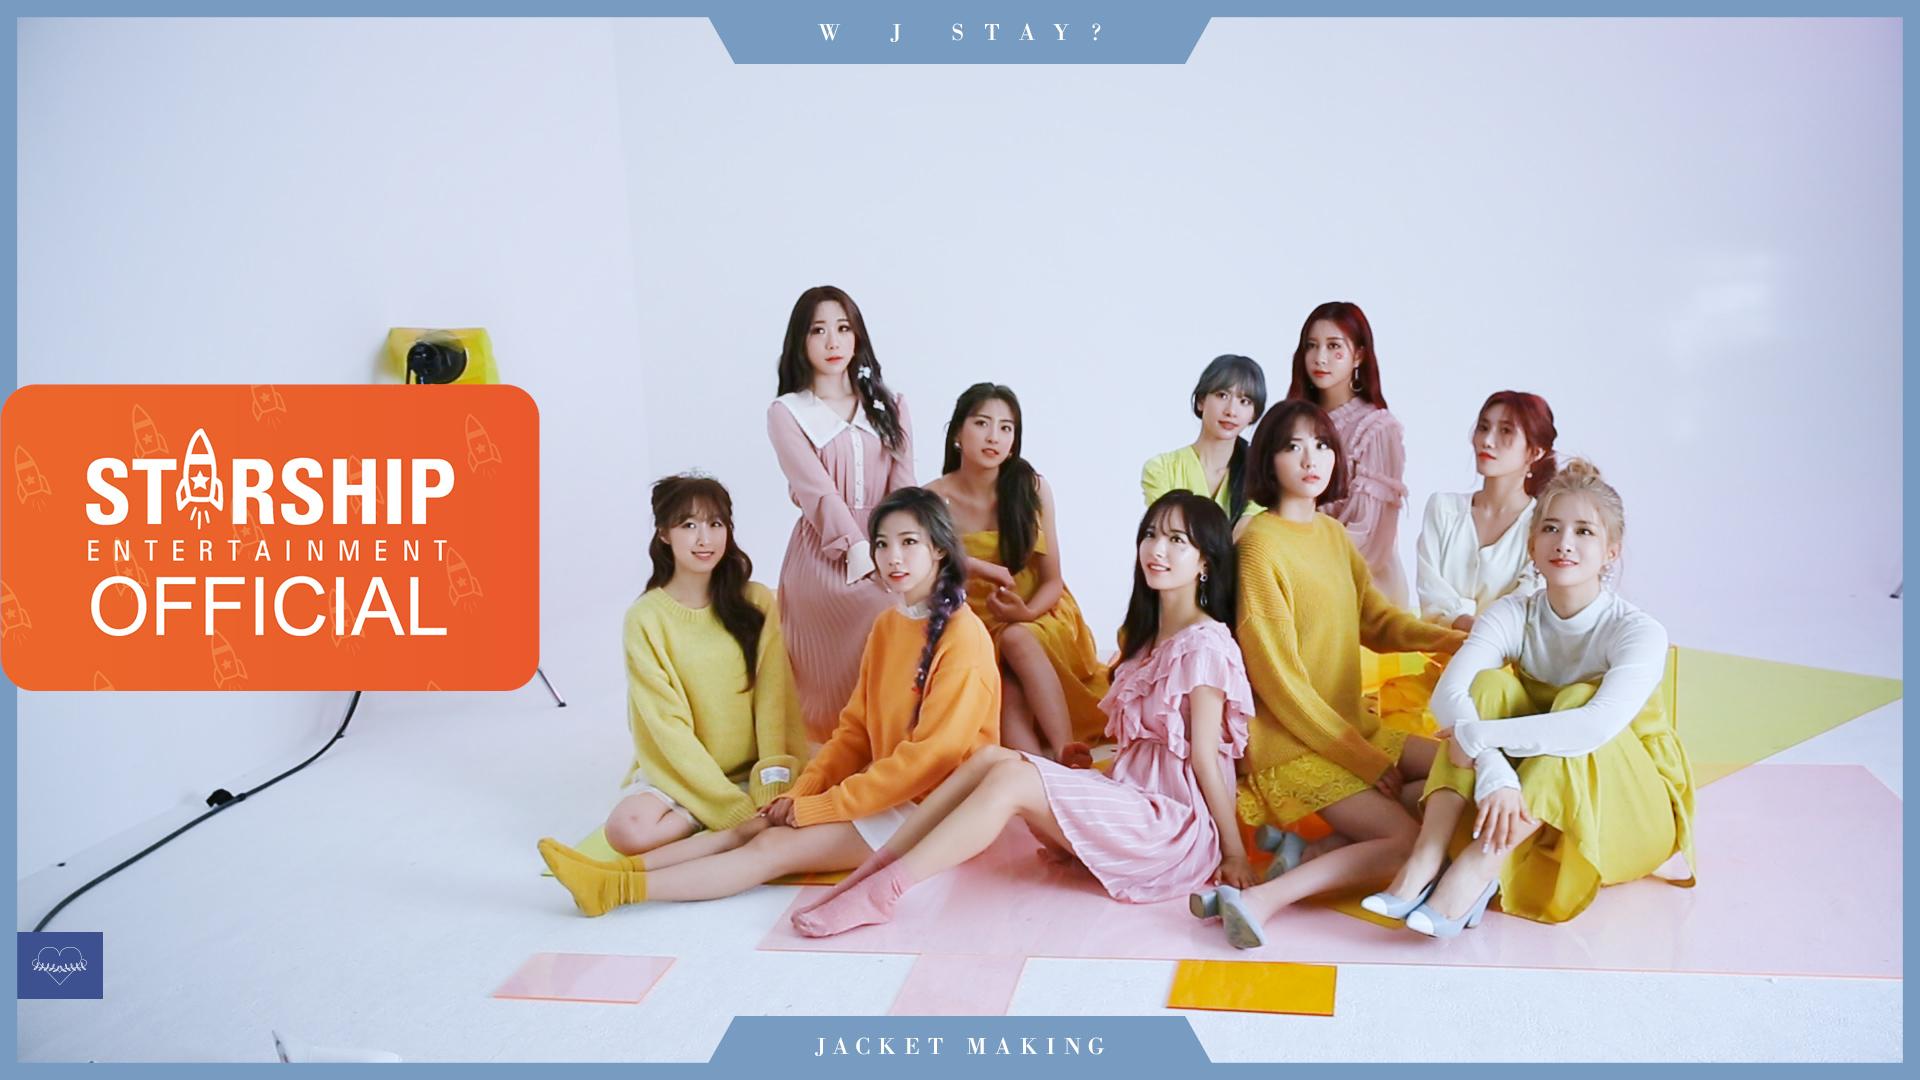 [Making Film] 우주소녀 (WJSN) - 'W J STAY?'